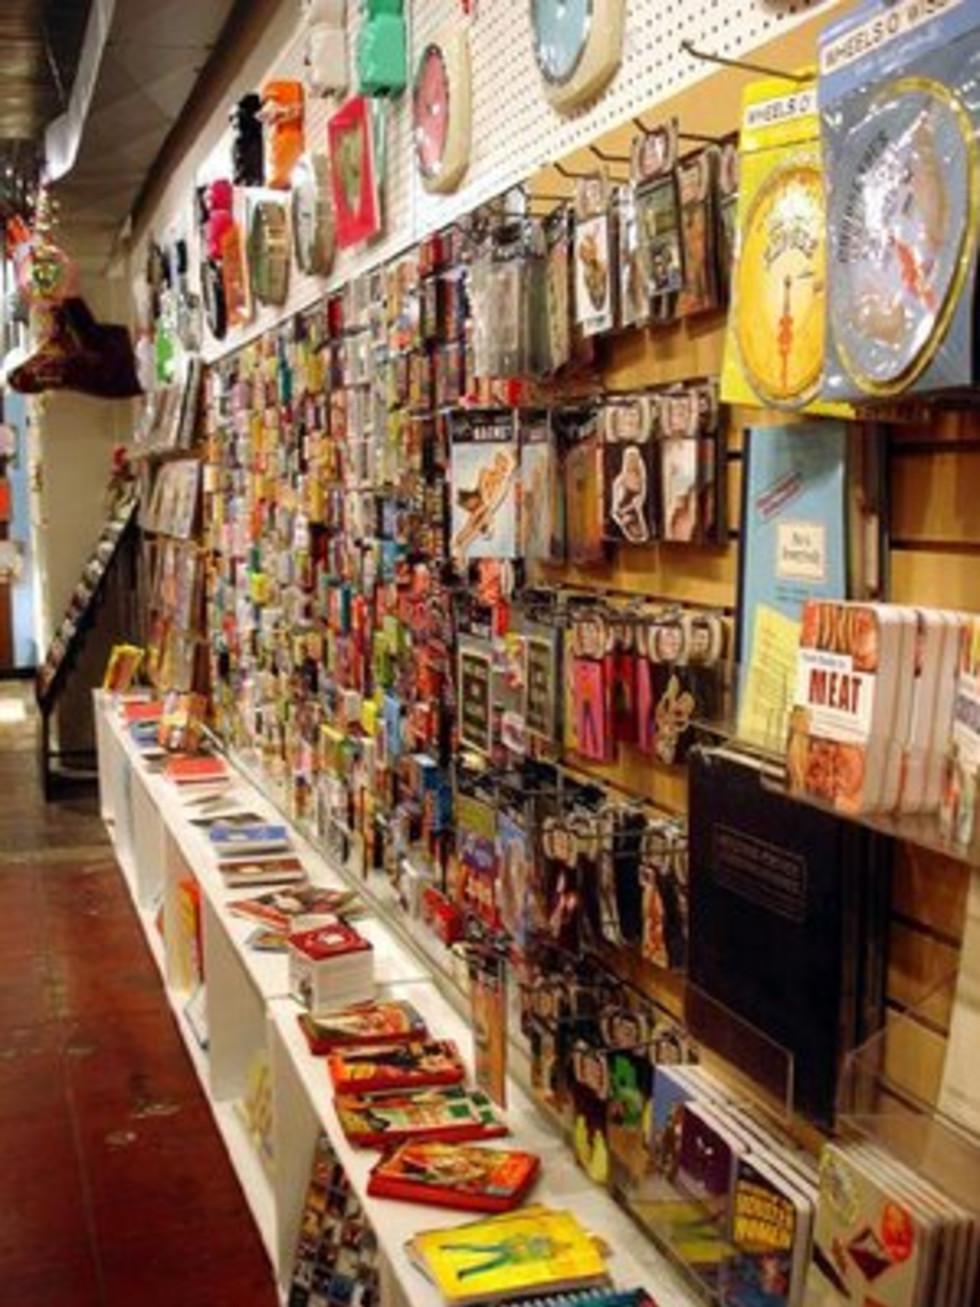 Austin Photo: Places_shopping_monkey_see_monkey_do_interior